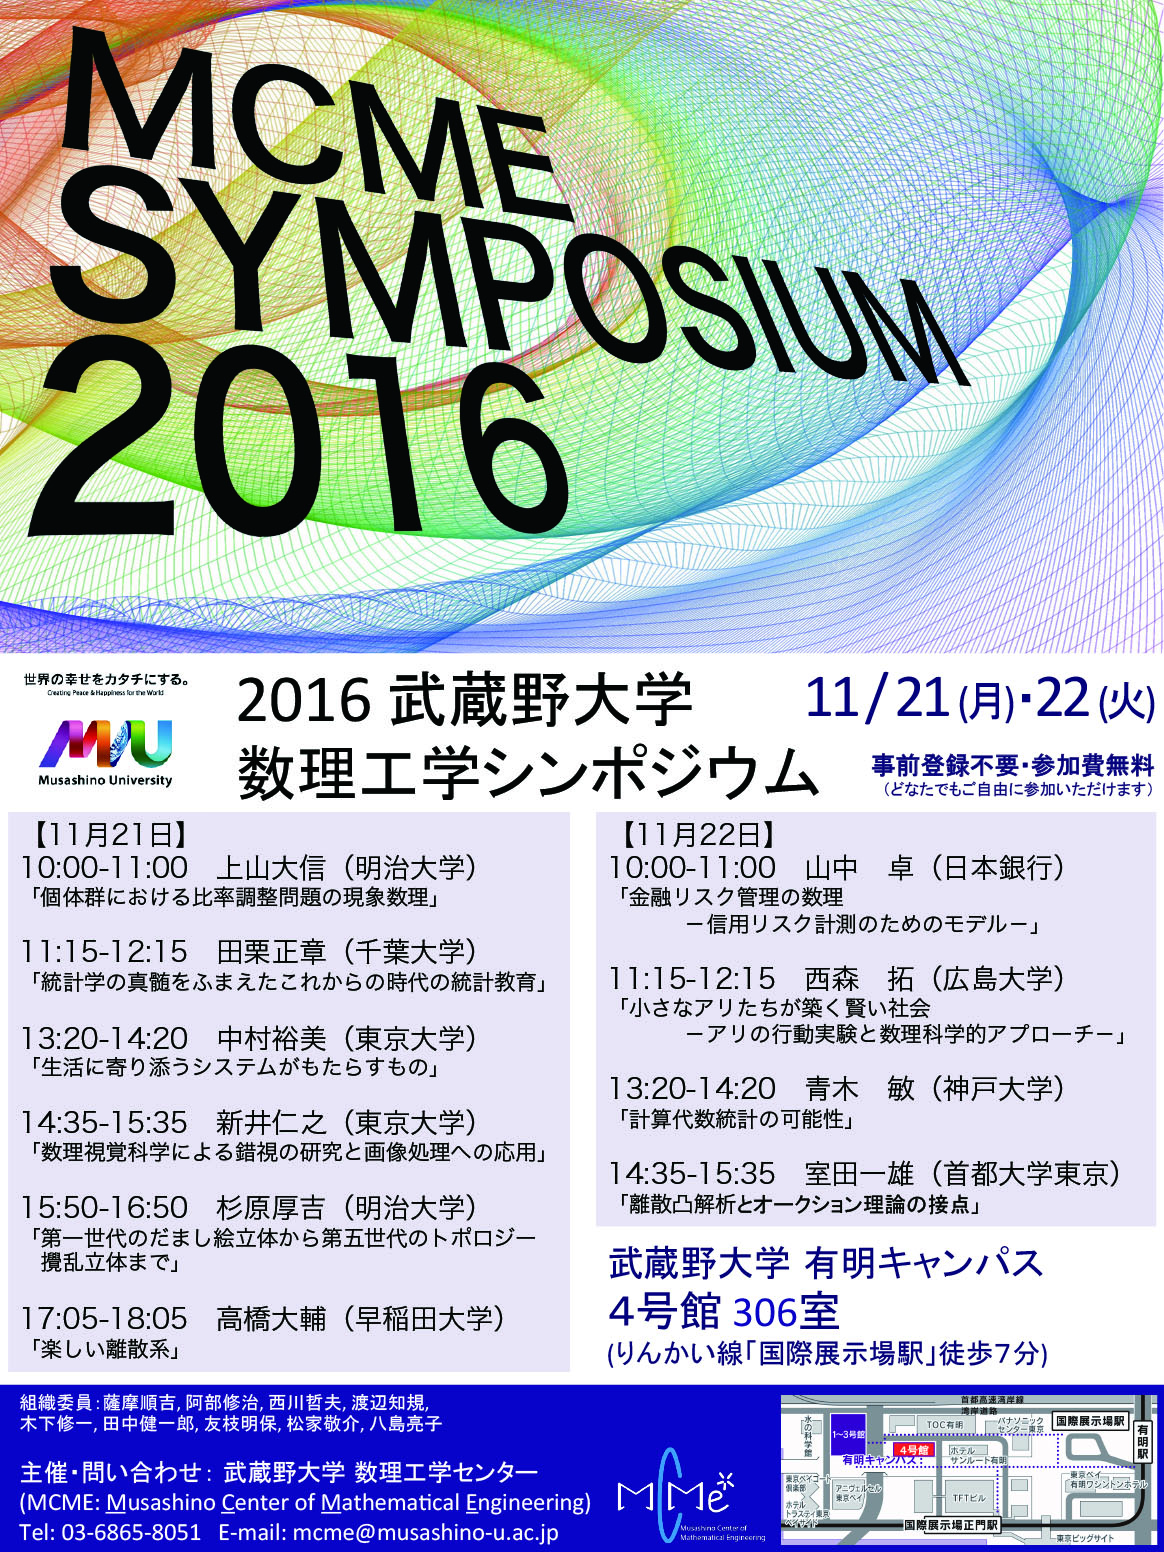 「2016武蔵野大学数理工学シンポジウム」開催のお知らせ -- 11月21日(月)・11月22日(火)@有明キャンパス